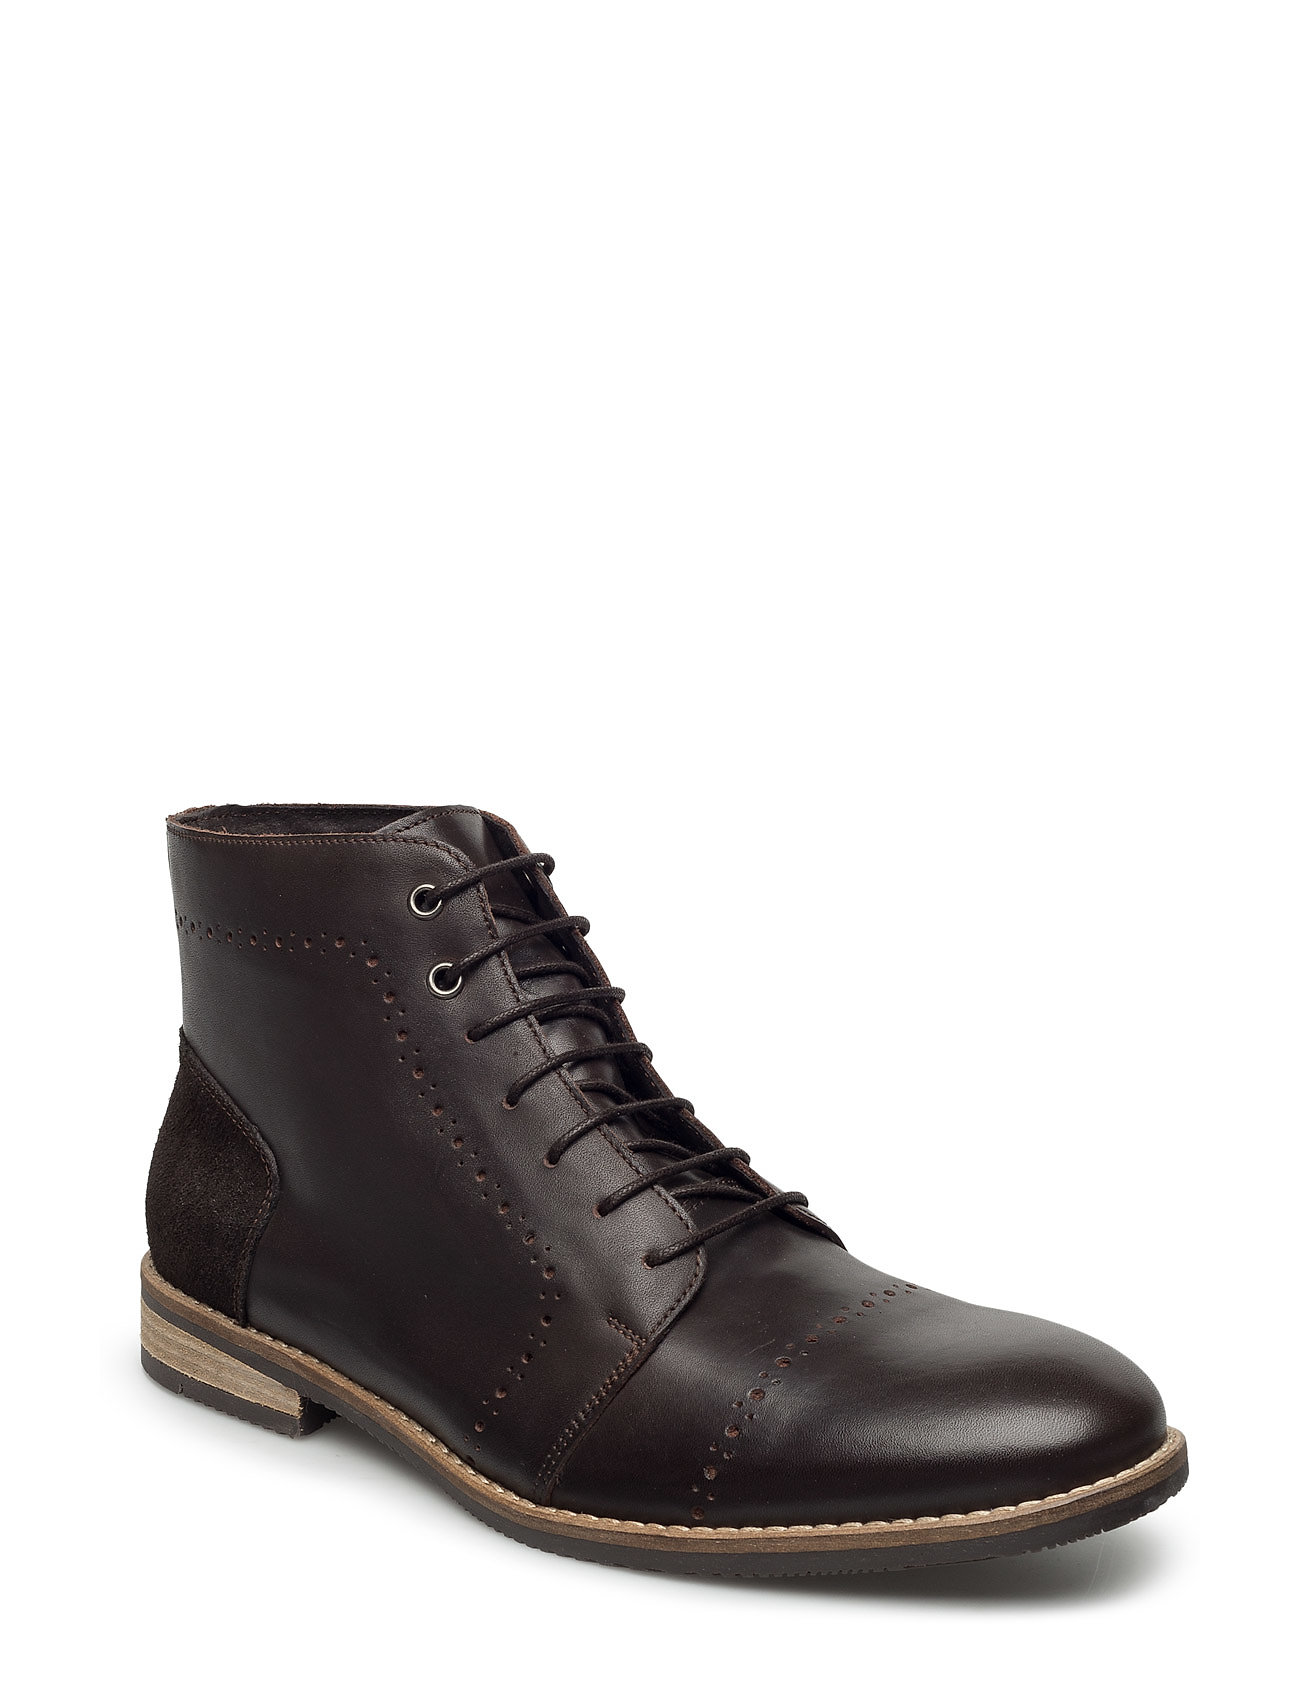 Brogue Boot Exp16 Bianco Sko til Mænd i Mørkebrun